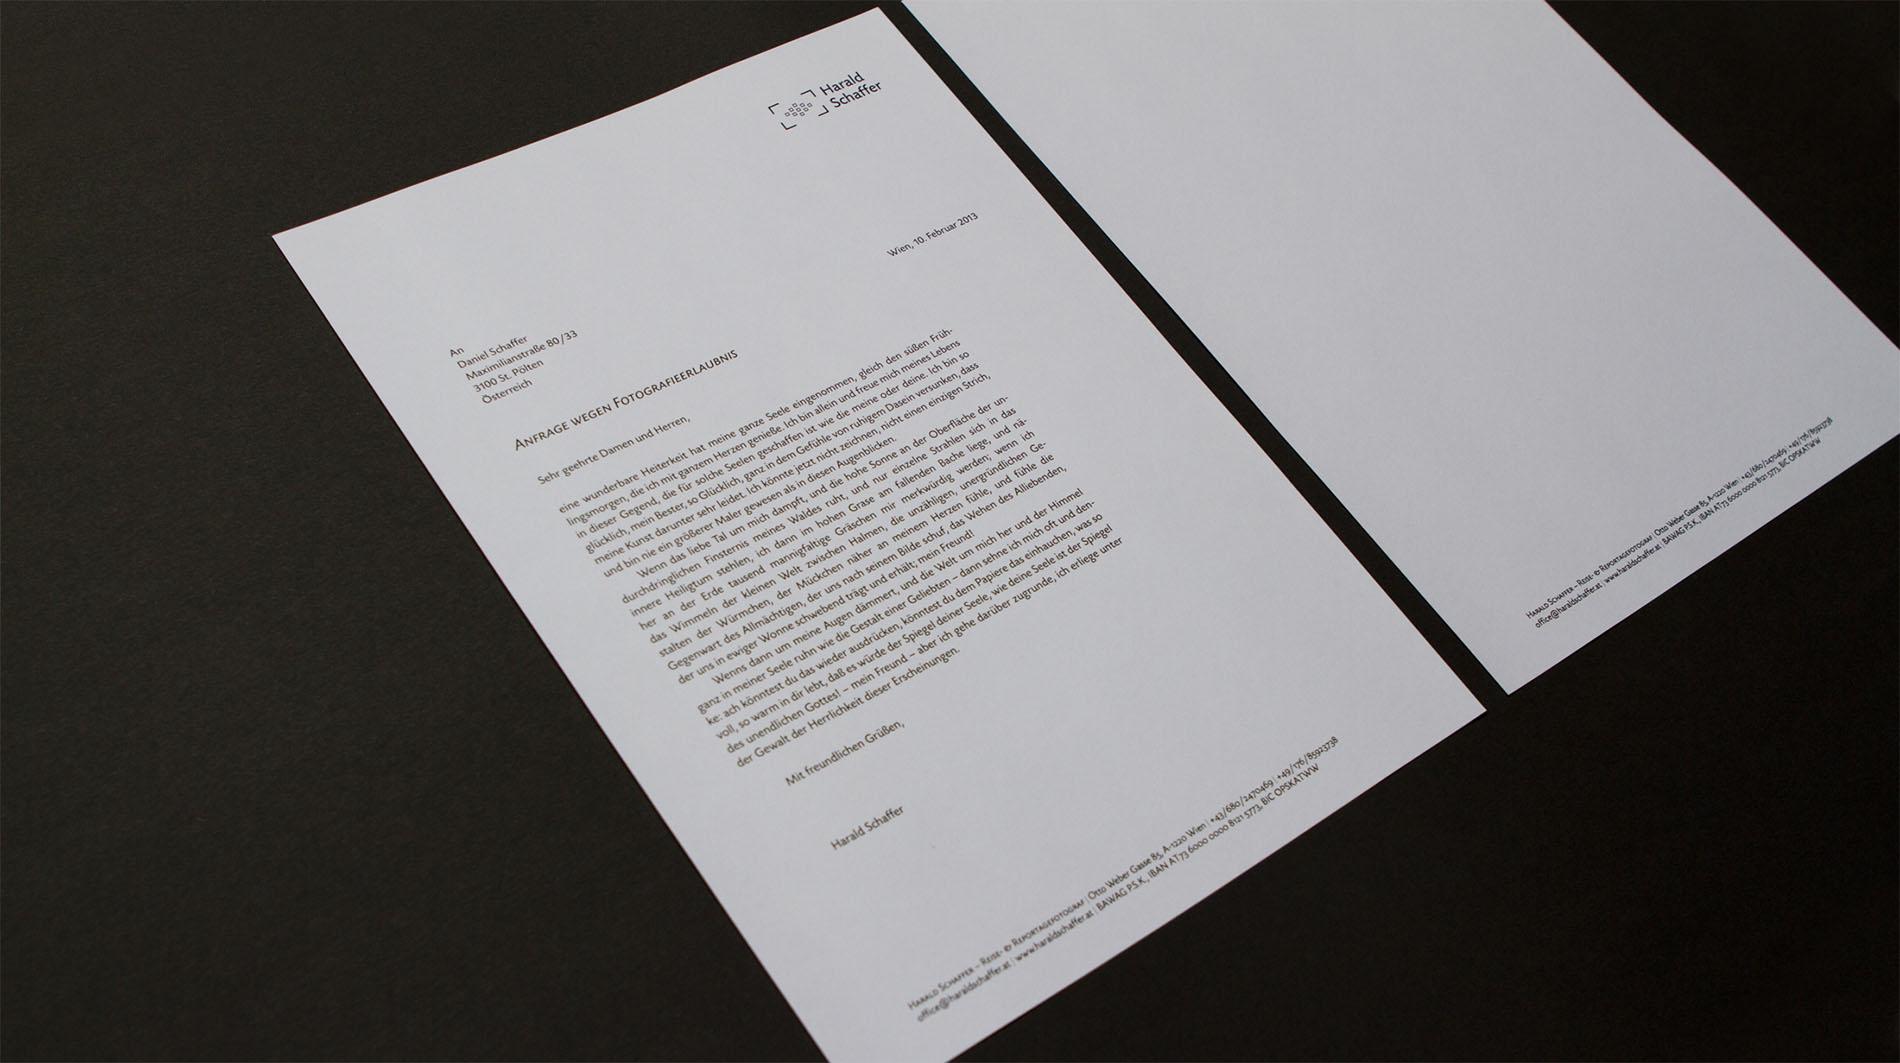 CD Harald Schaffer   Briefpapier